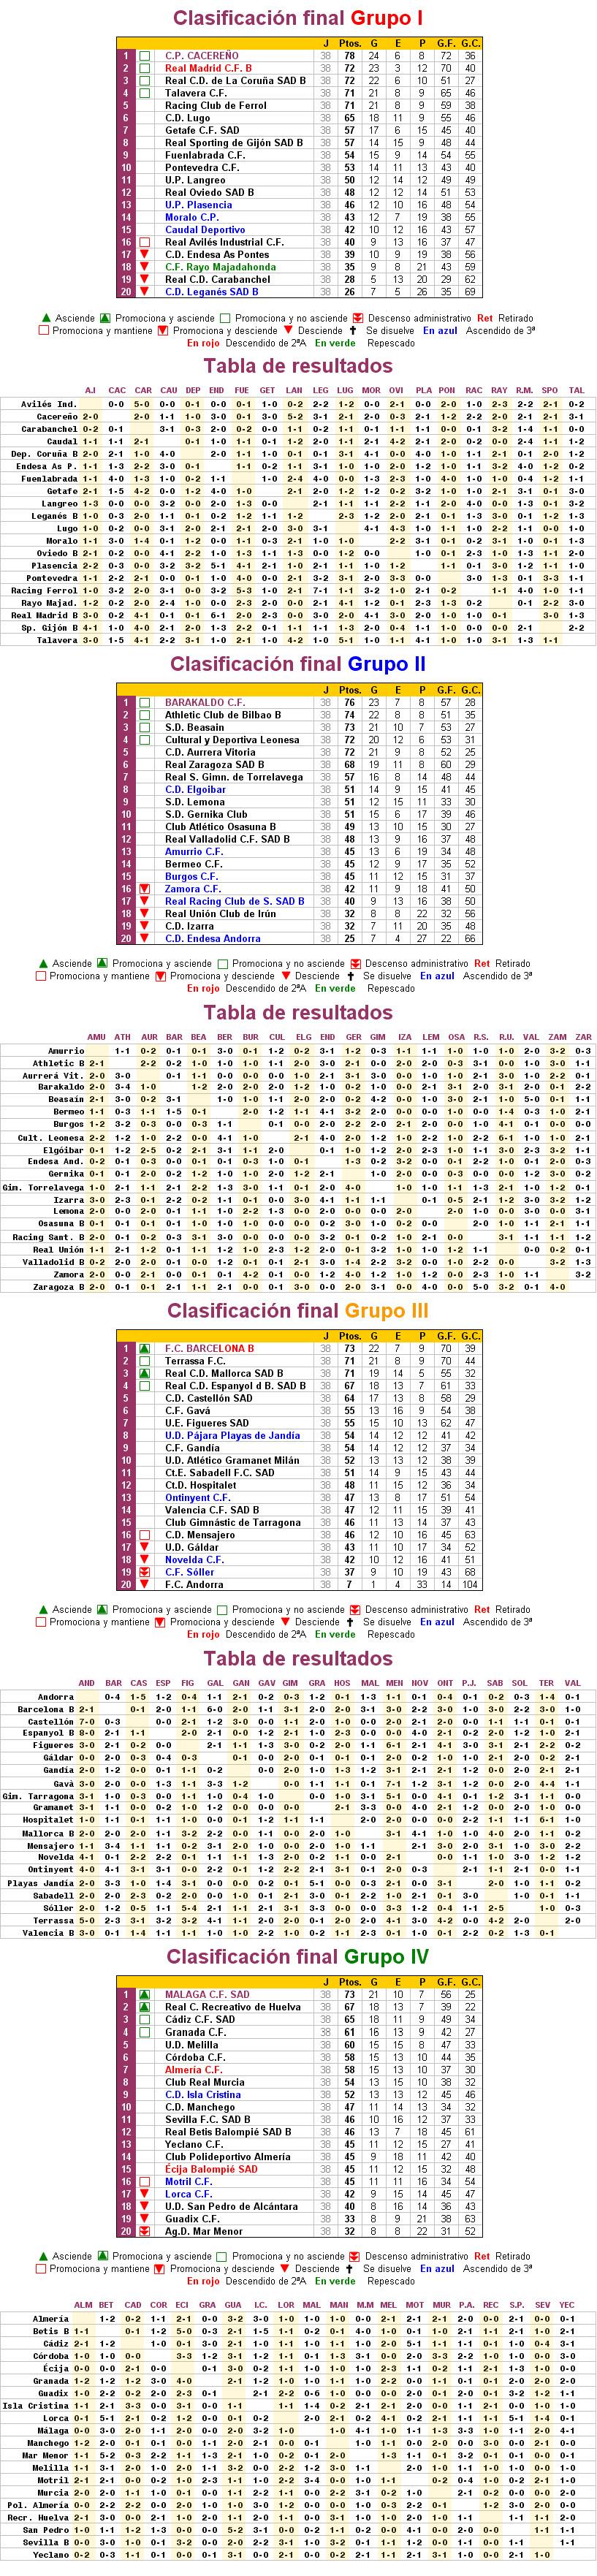 Liga 2ªdivision B Temporada 1997/98